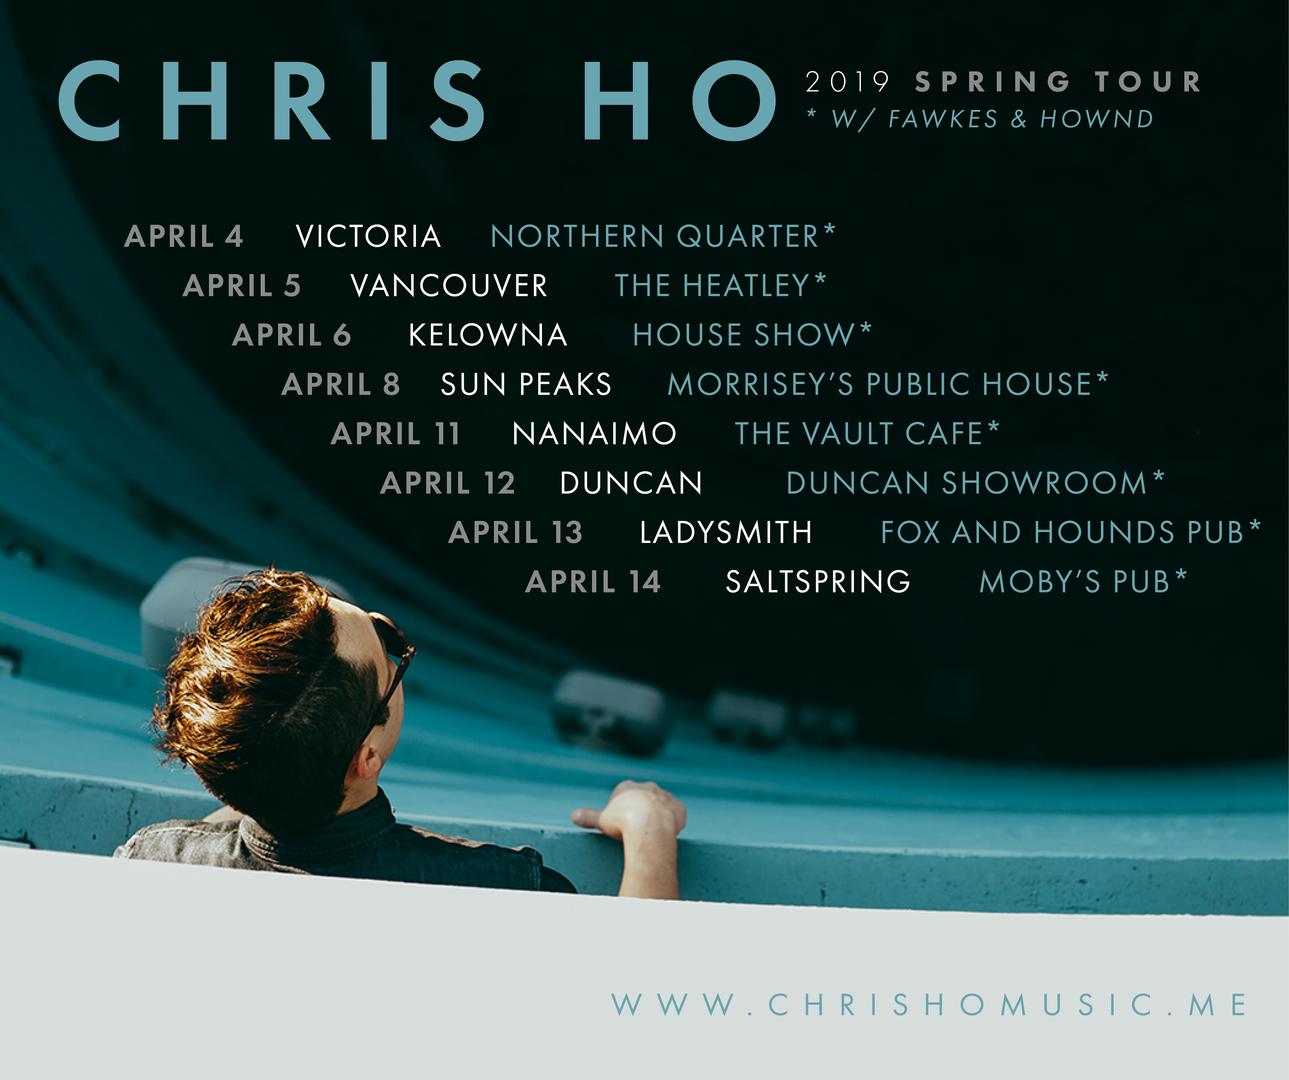 Chris Ho - April 2019 Tour